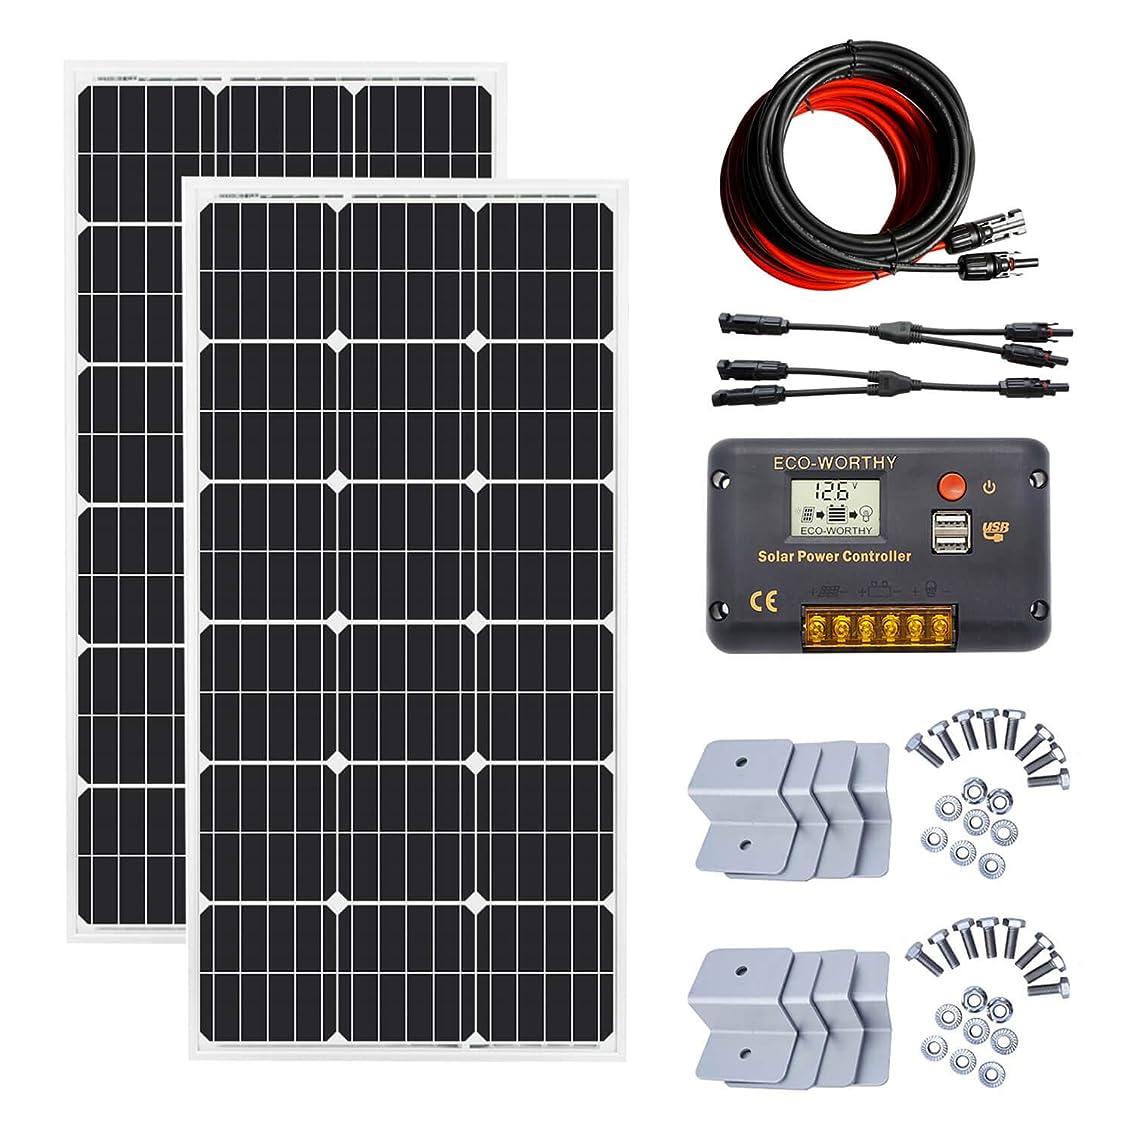 ECO-WORTHY 200W ソーラーパネルキット: 2個 100W 単結晶ソーラーパネル + 9m ソーラーケーブル+ 20A チャージコントローラー + Y 型コネクター + Z 取付金具